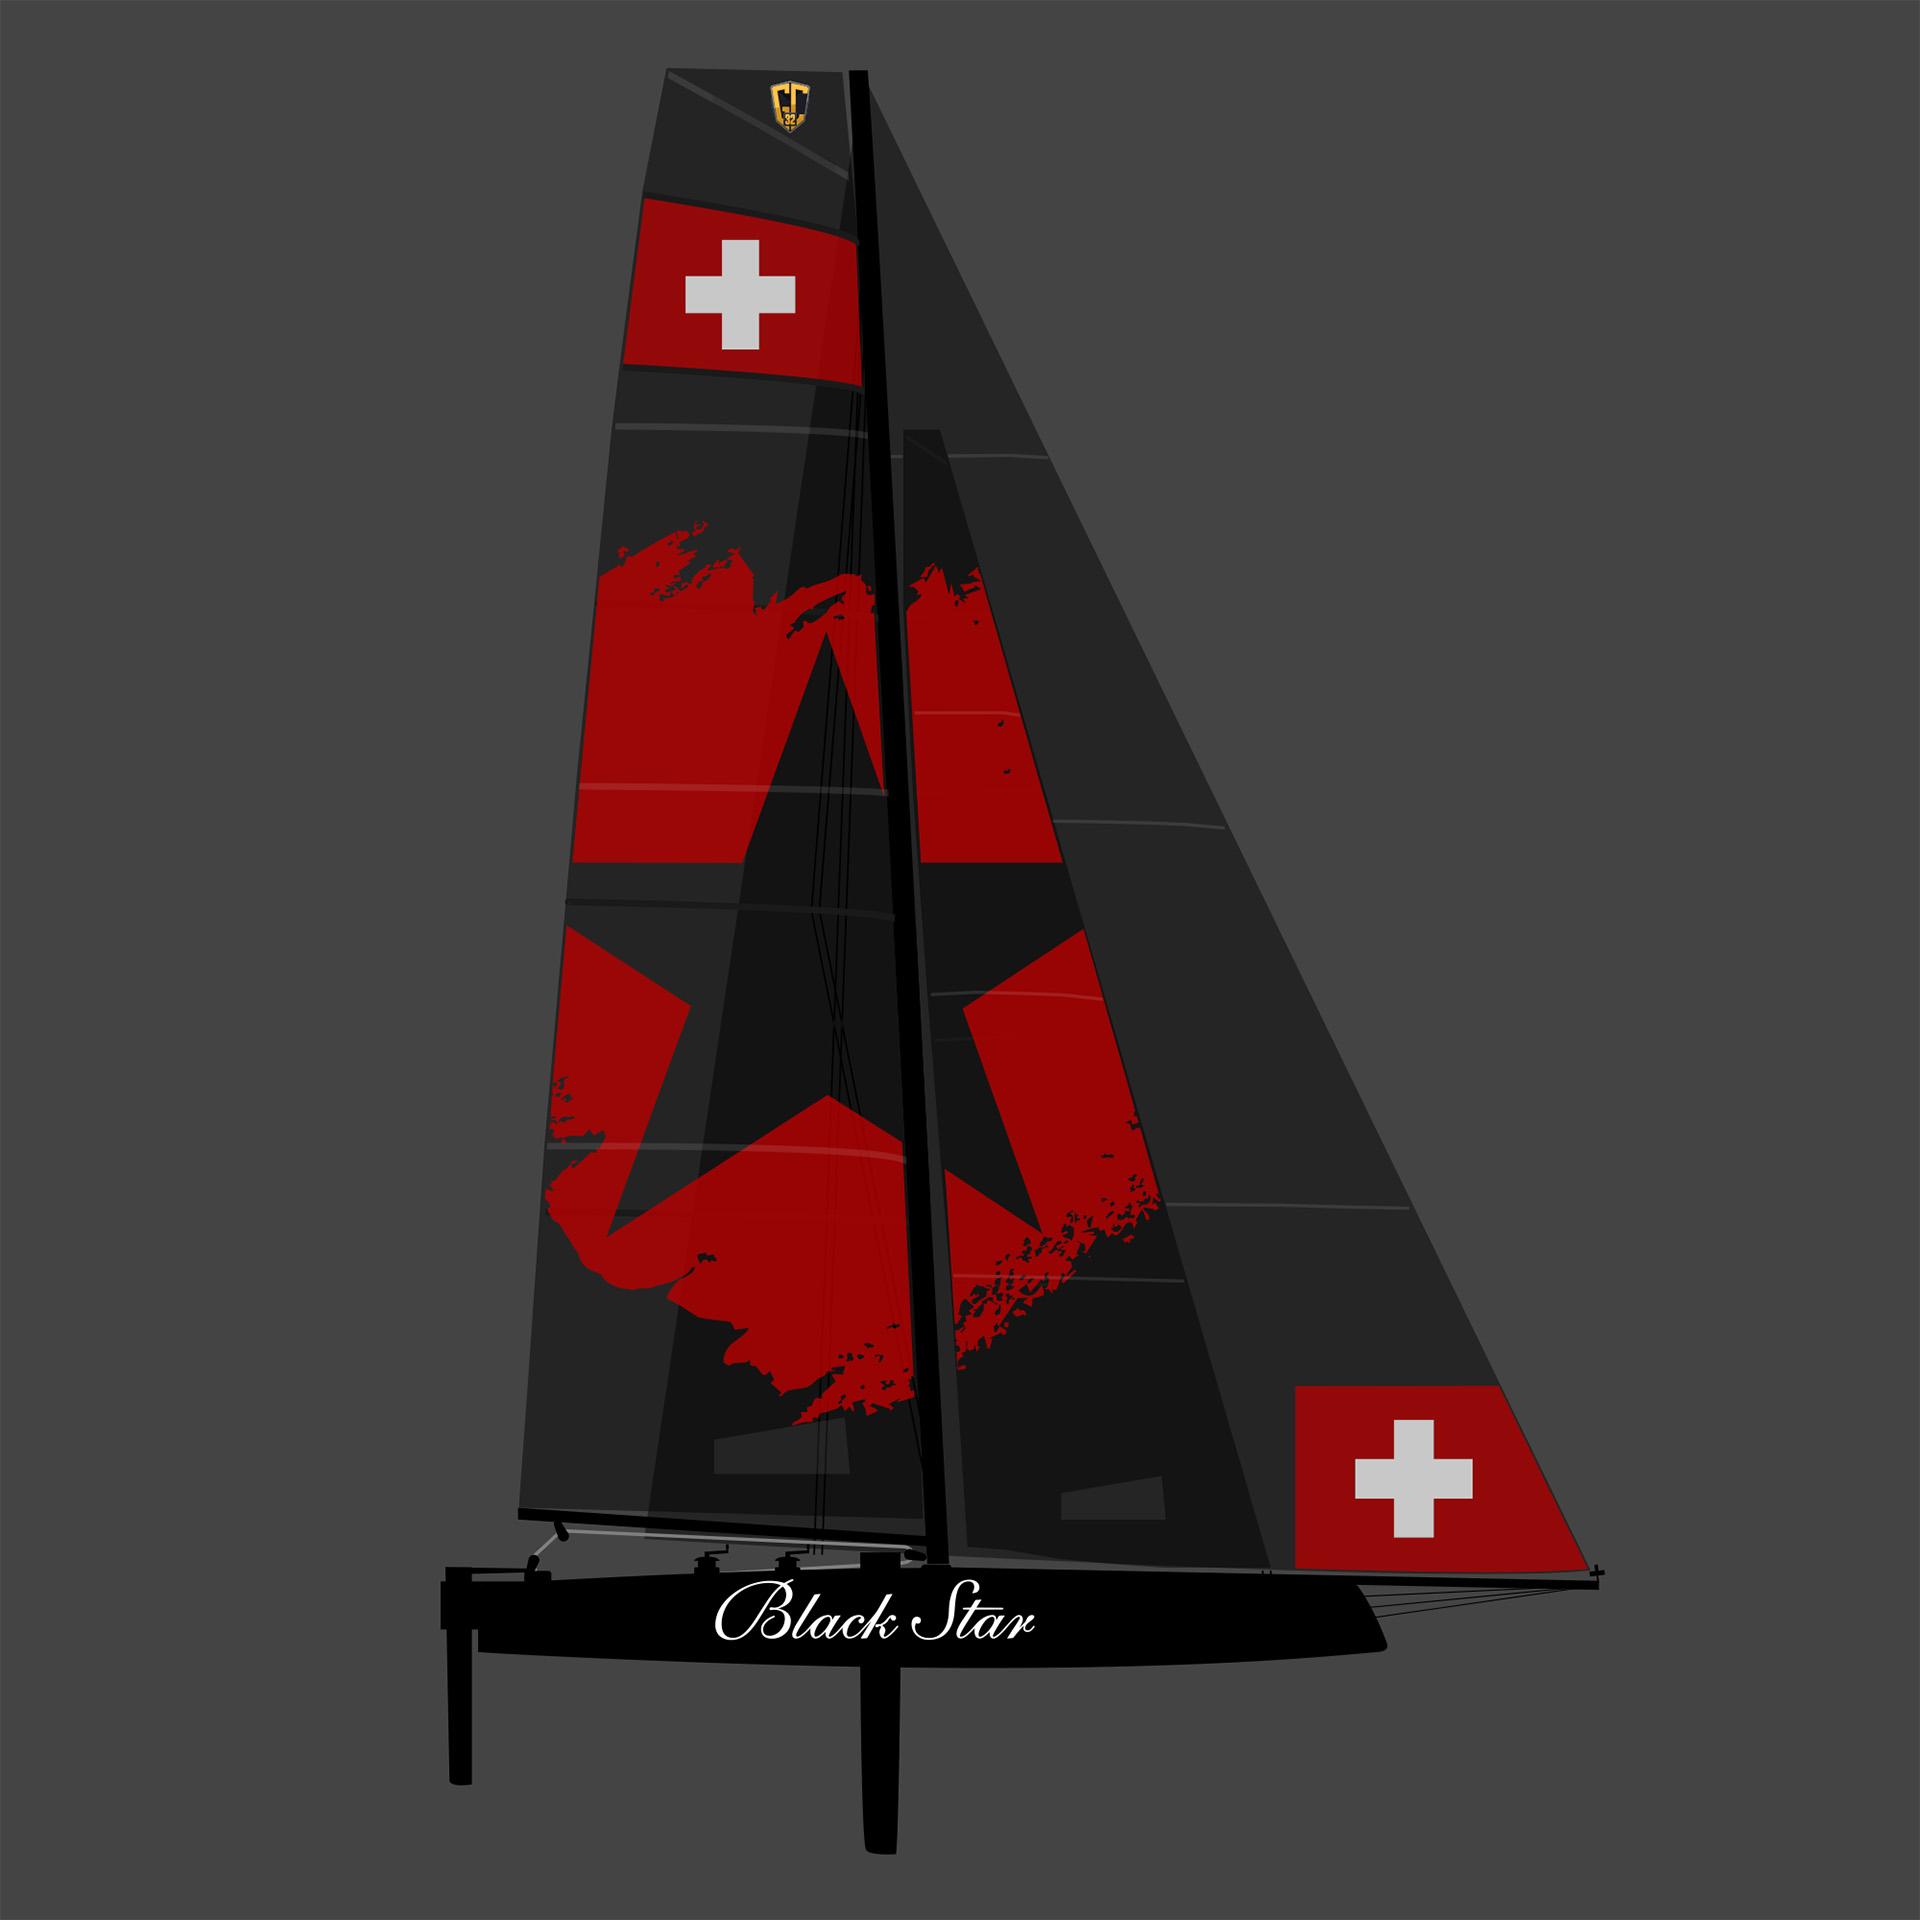 Boat_BlackStar_Plan